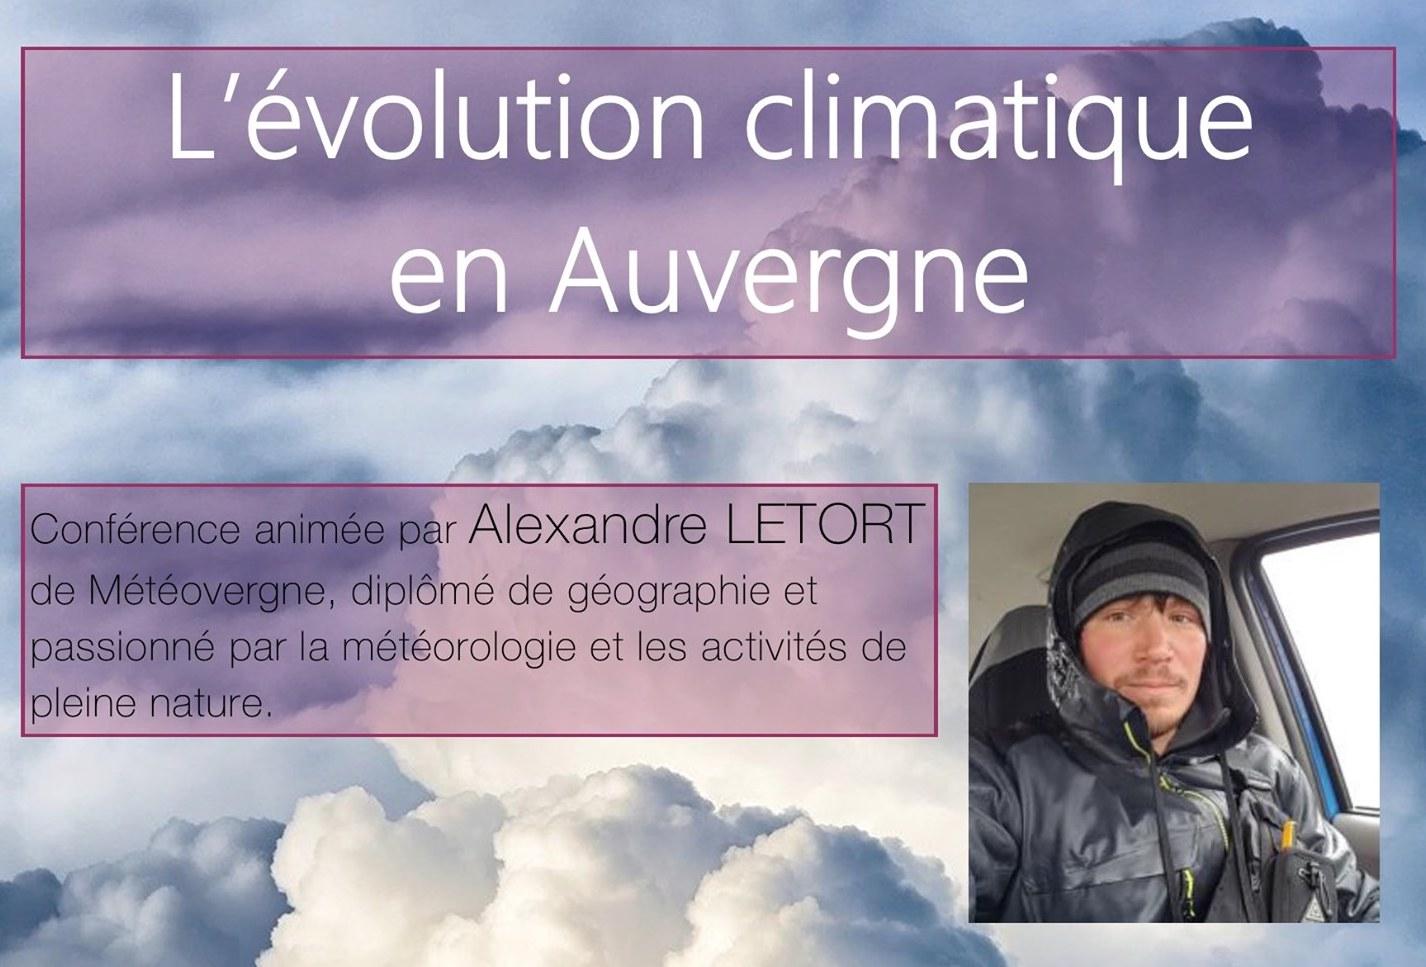 L'évolution climatique en Auvergne @ Association CEPE | Saint-Gènes-Champanelle | Auvergne-Rhône-Alpes | France